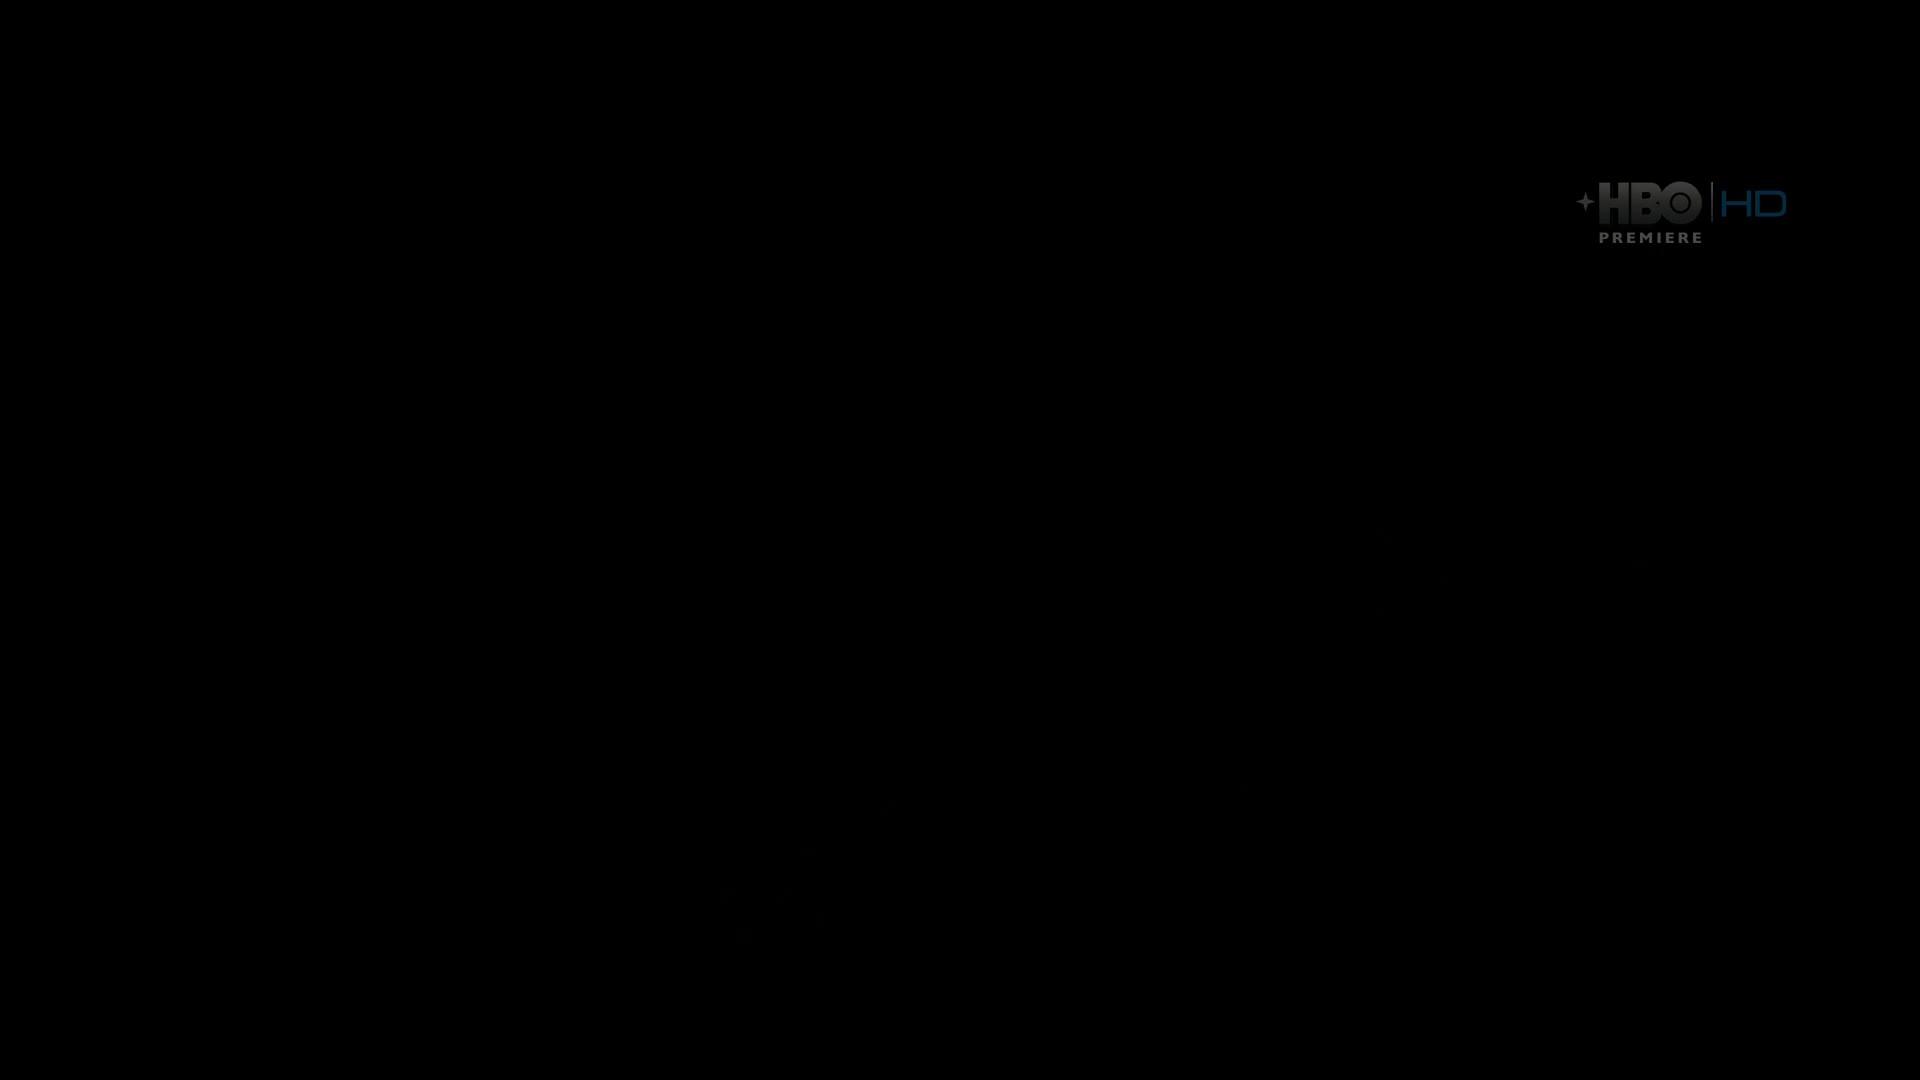 Utek z vezeni v Dannemore S01E07 2 cast CZ dabing HD 1080p